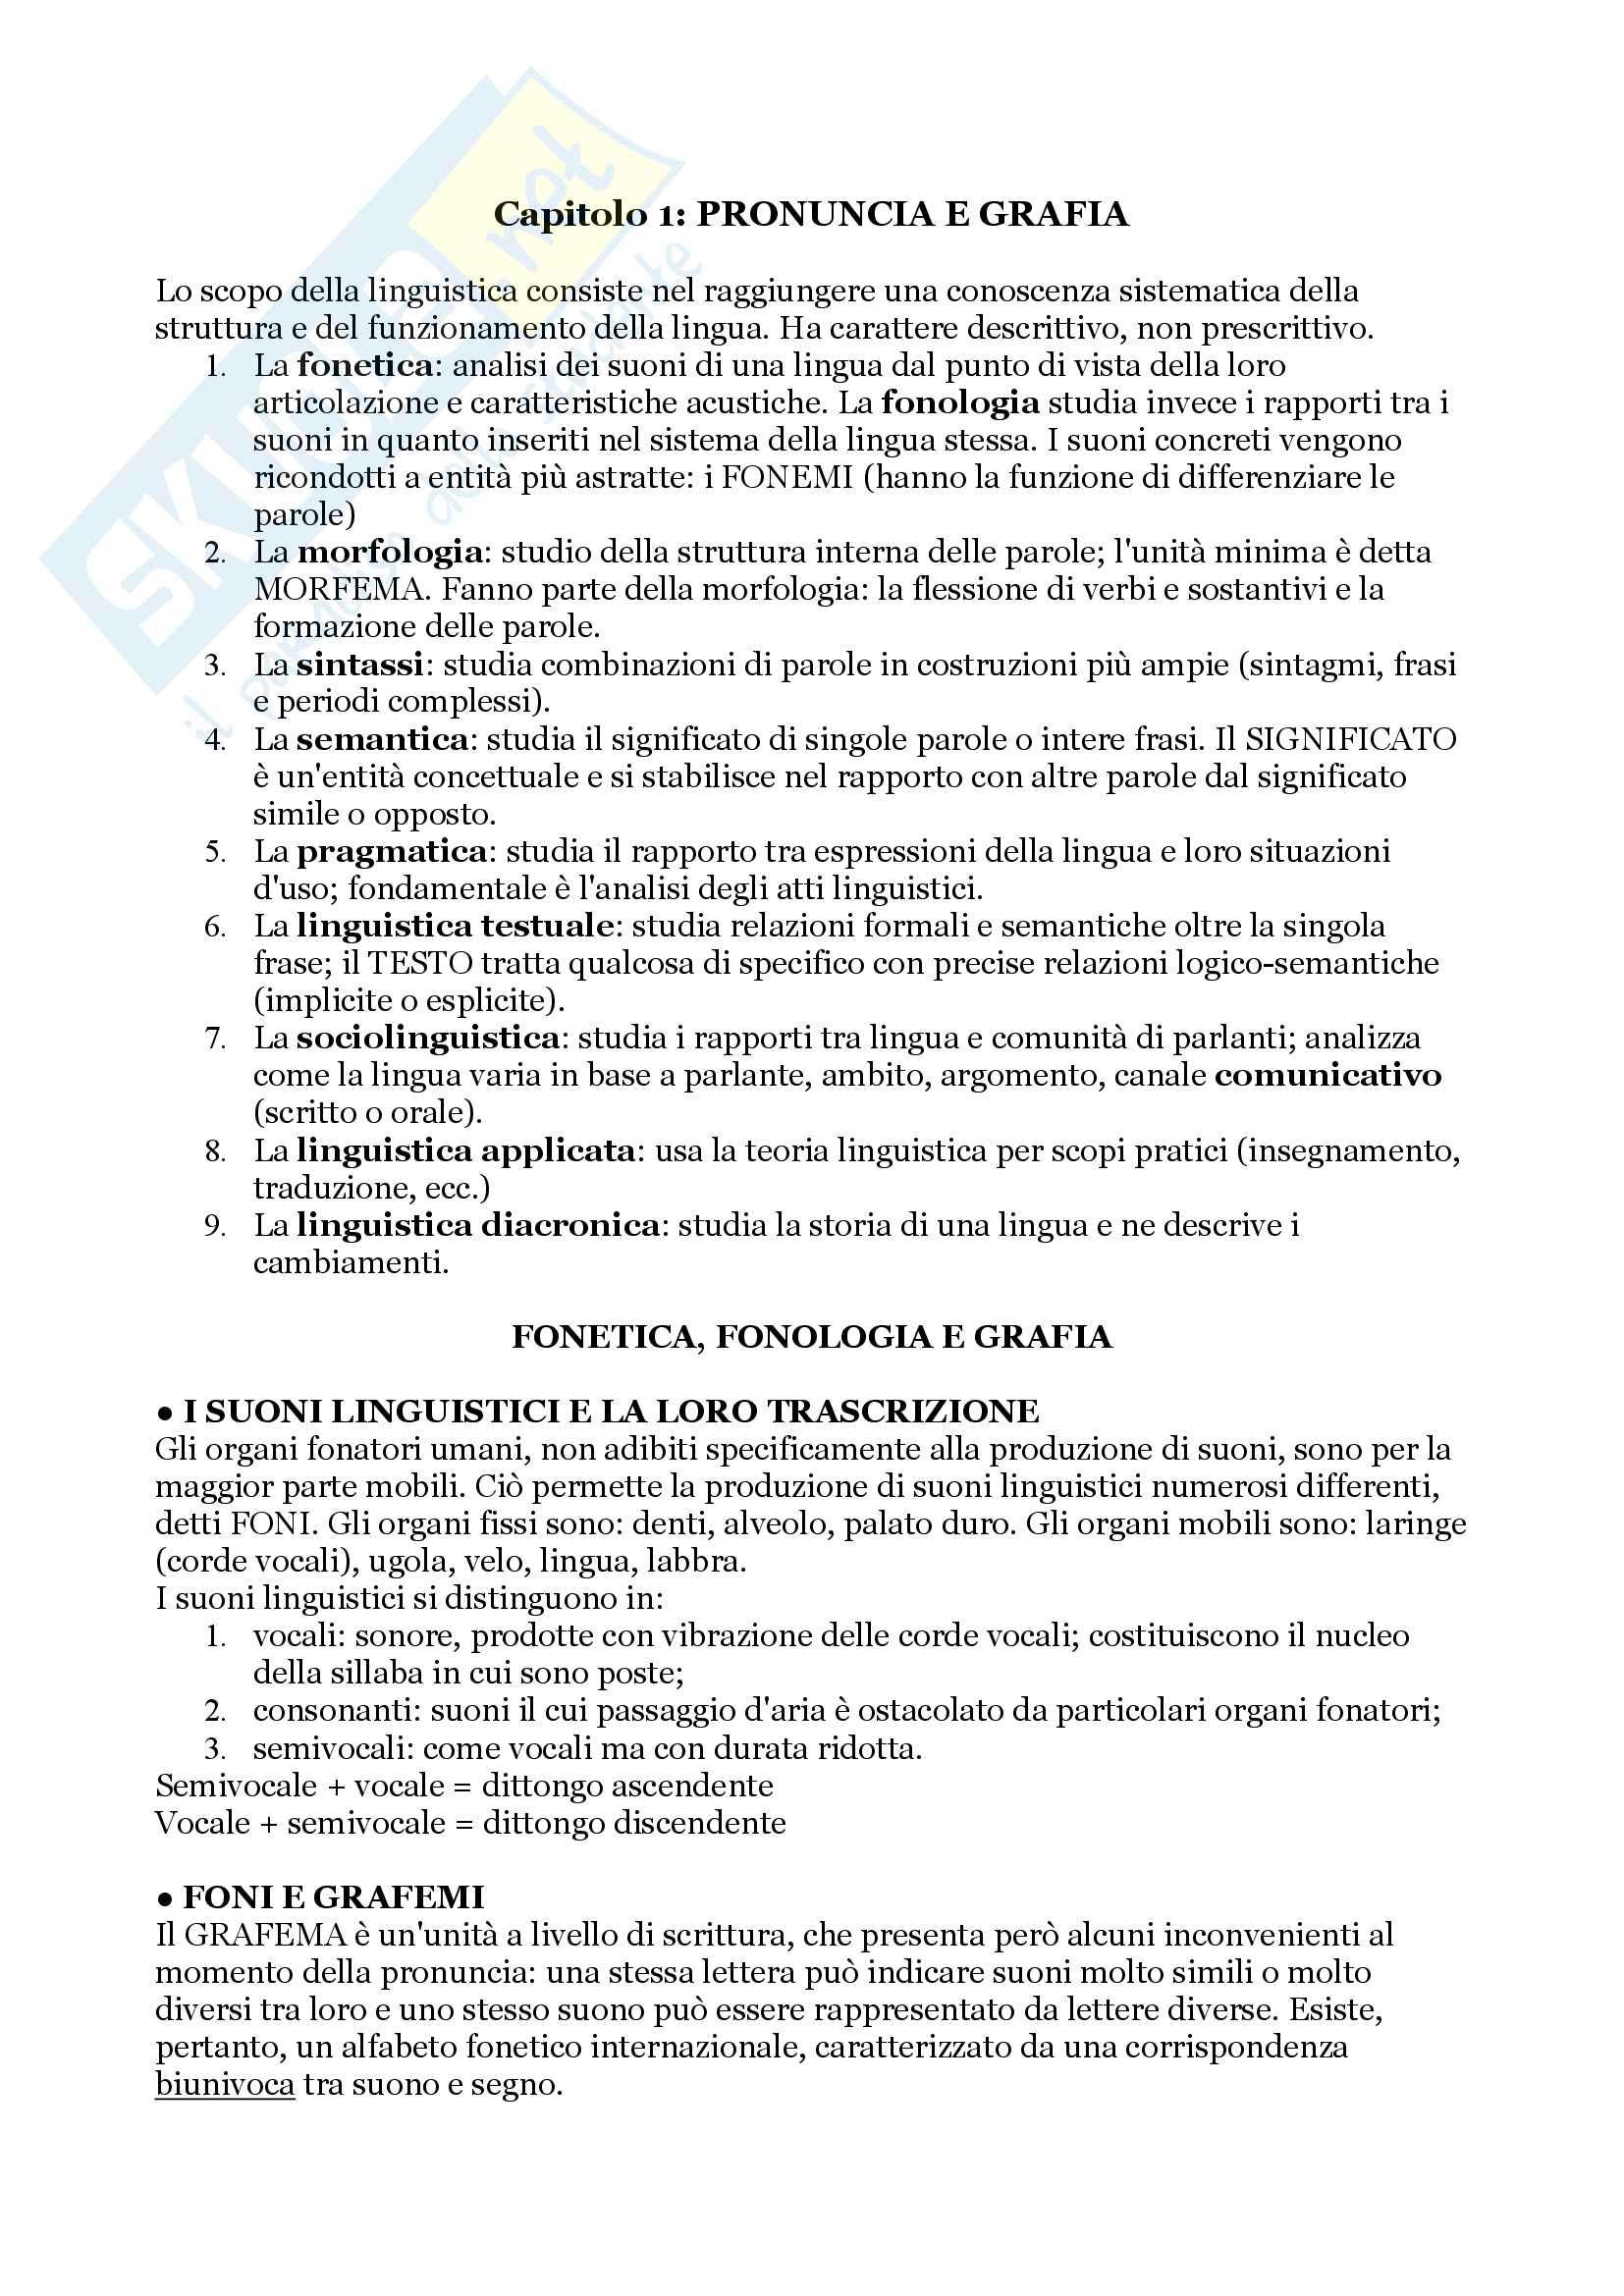 """Riassunto per l'esame di Lingua Tedesca I, prof. Di Meola, libro consigliato """"Linguistica Tedesca"""", cap. 1 e 2, Di Meola"""